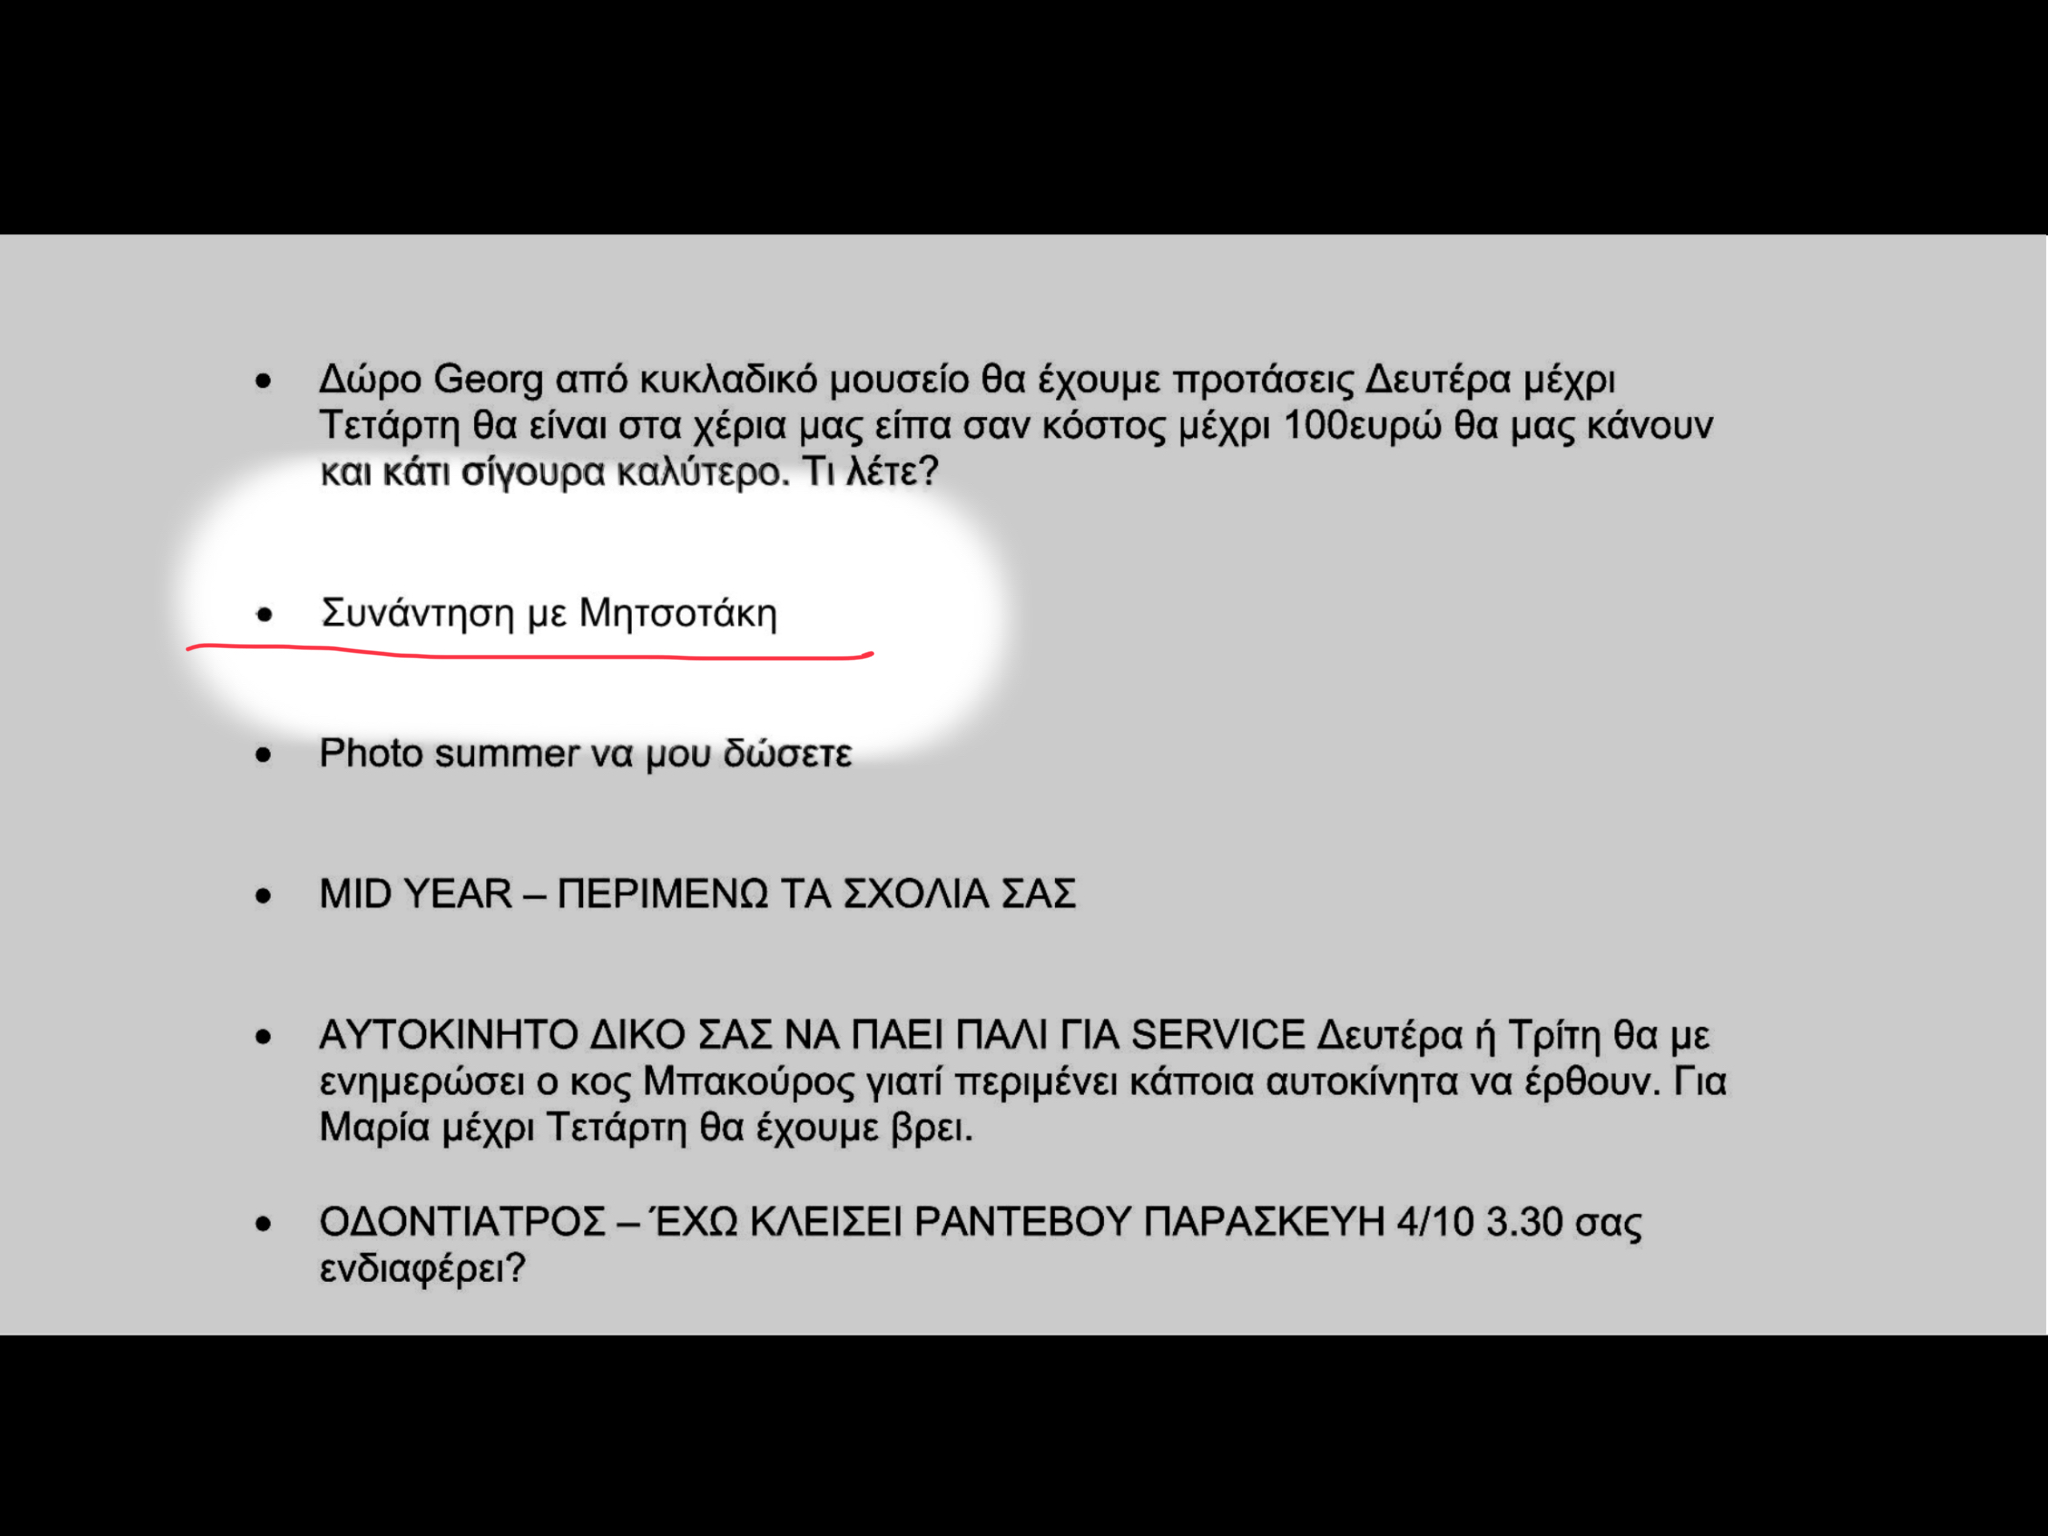 💊Ο κύριος Novartis συνάντησε τον Μητσοτάκη, αλλά δυο 🤬ΠΡΩκΤΟΣΕΛΙΔΑ έγραψαν για το ραντεβού ΠΟΥ ΔΕΝ ΕΓΙΝΕ με τον Τσίπρα